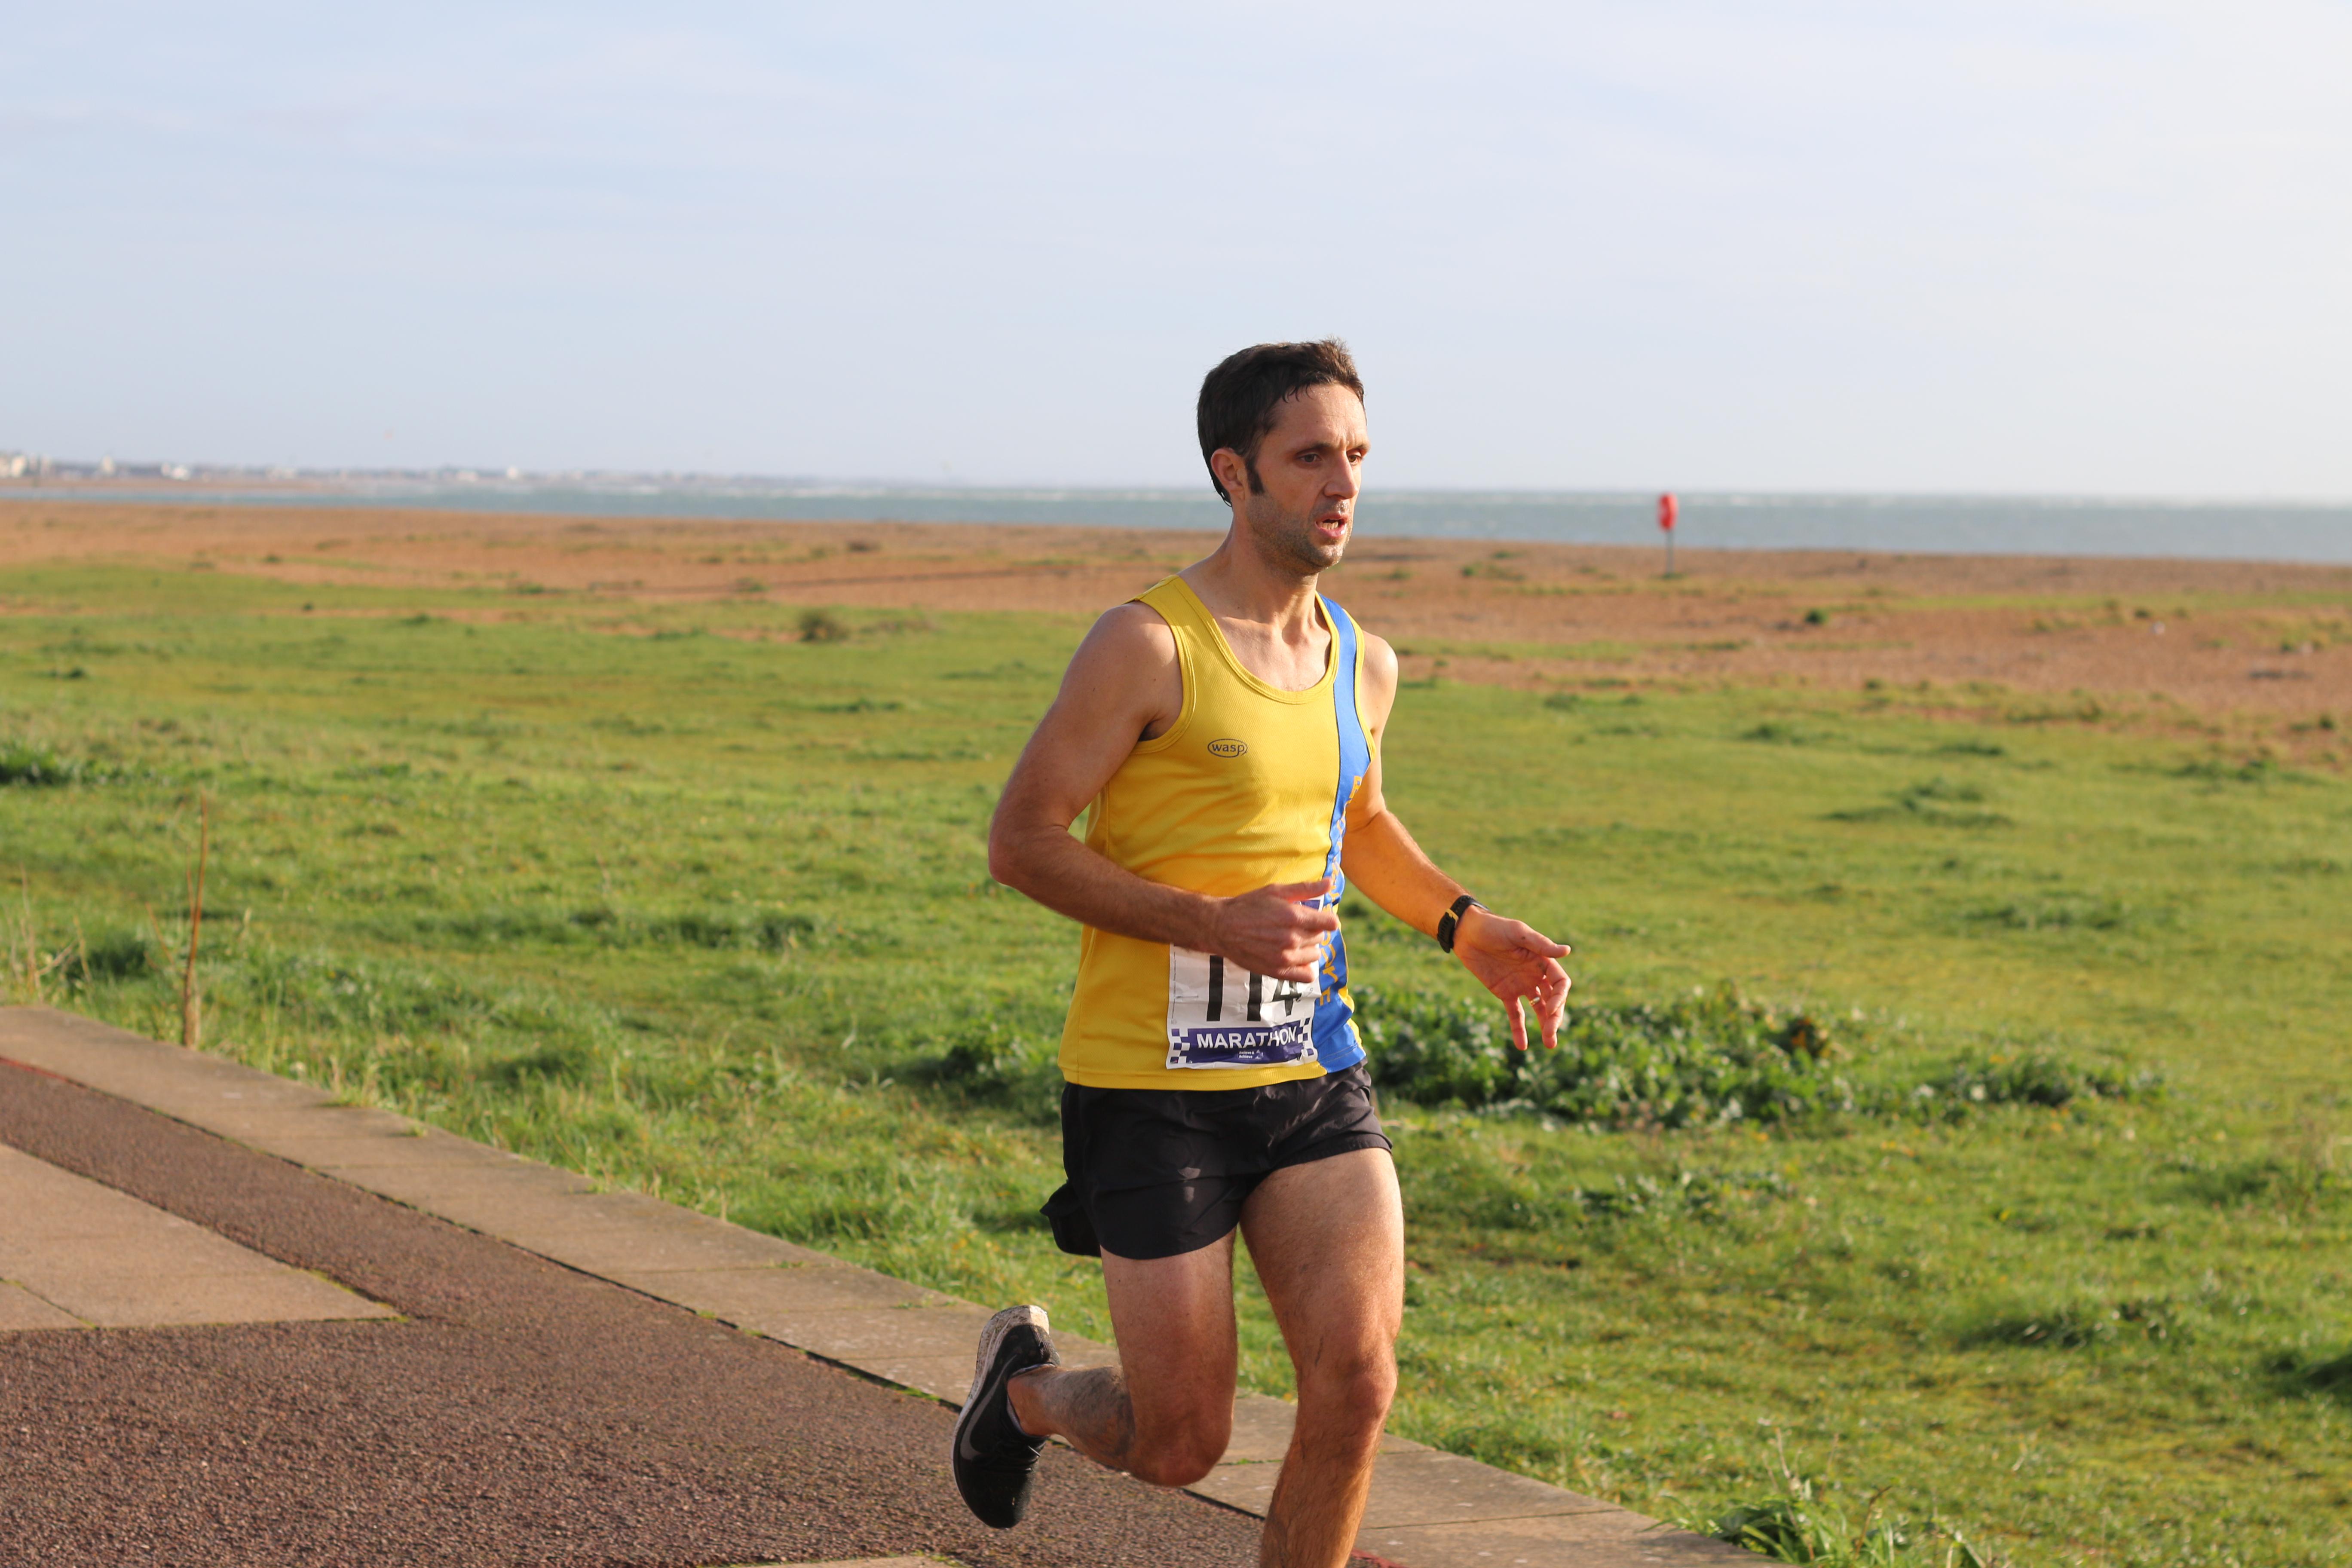 Jez Bragg in action in the Portsmouth Coastal Marathon